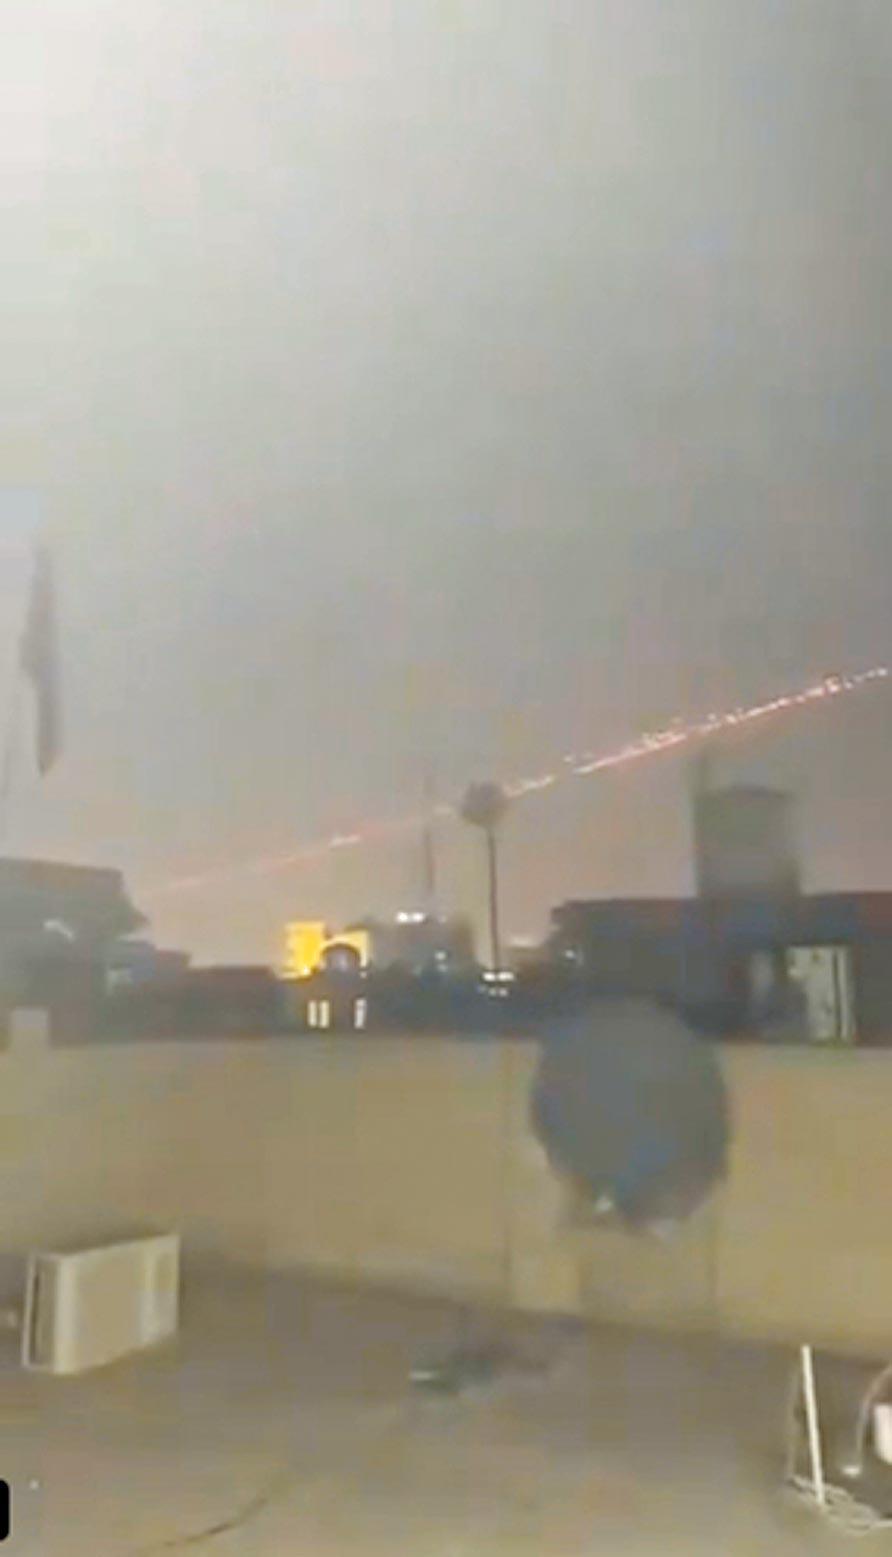 伊拉克人拍到的從大使館射出的攔截彈。(取自網路)